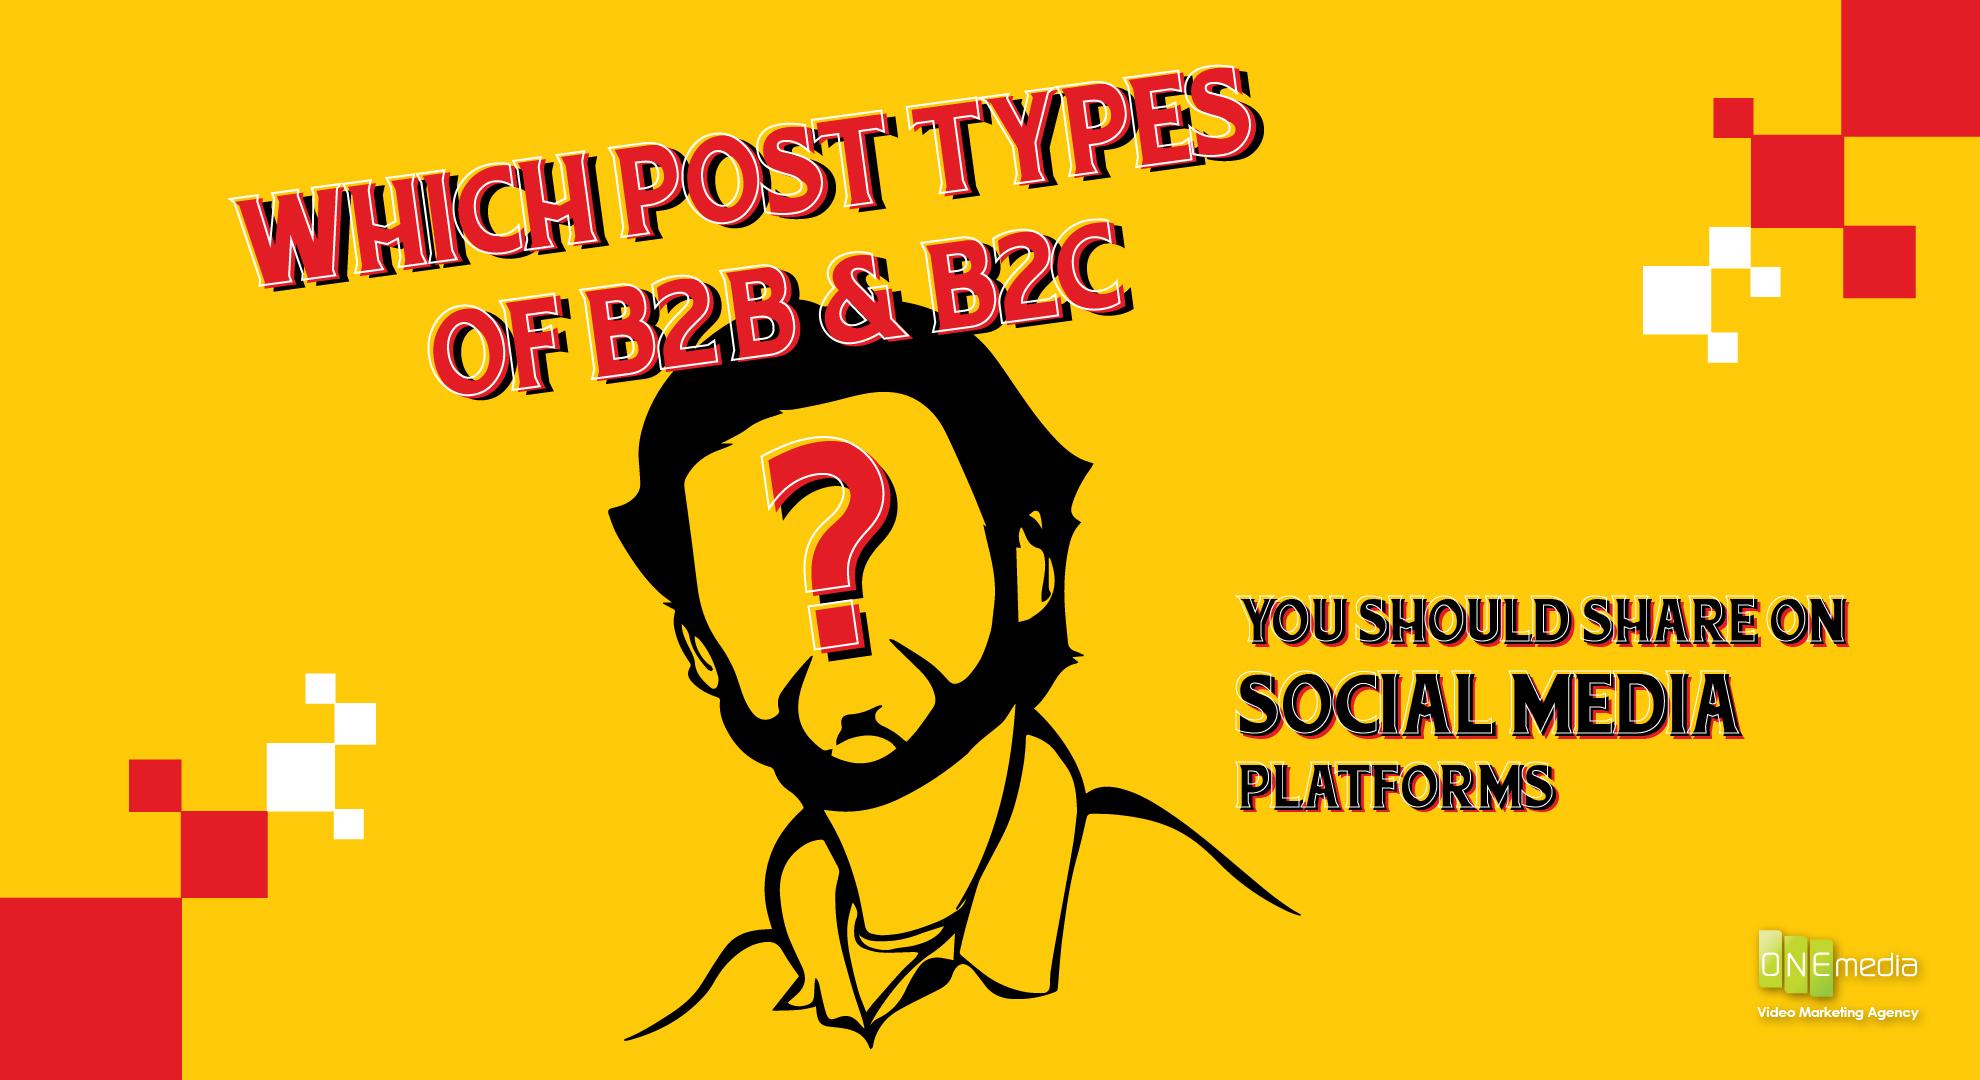 您应该在社交媒体平台上分享哪些B2B和B2C类型?